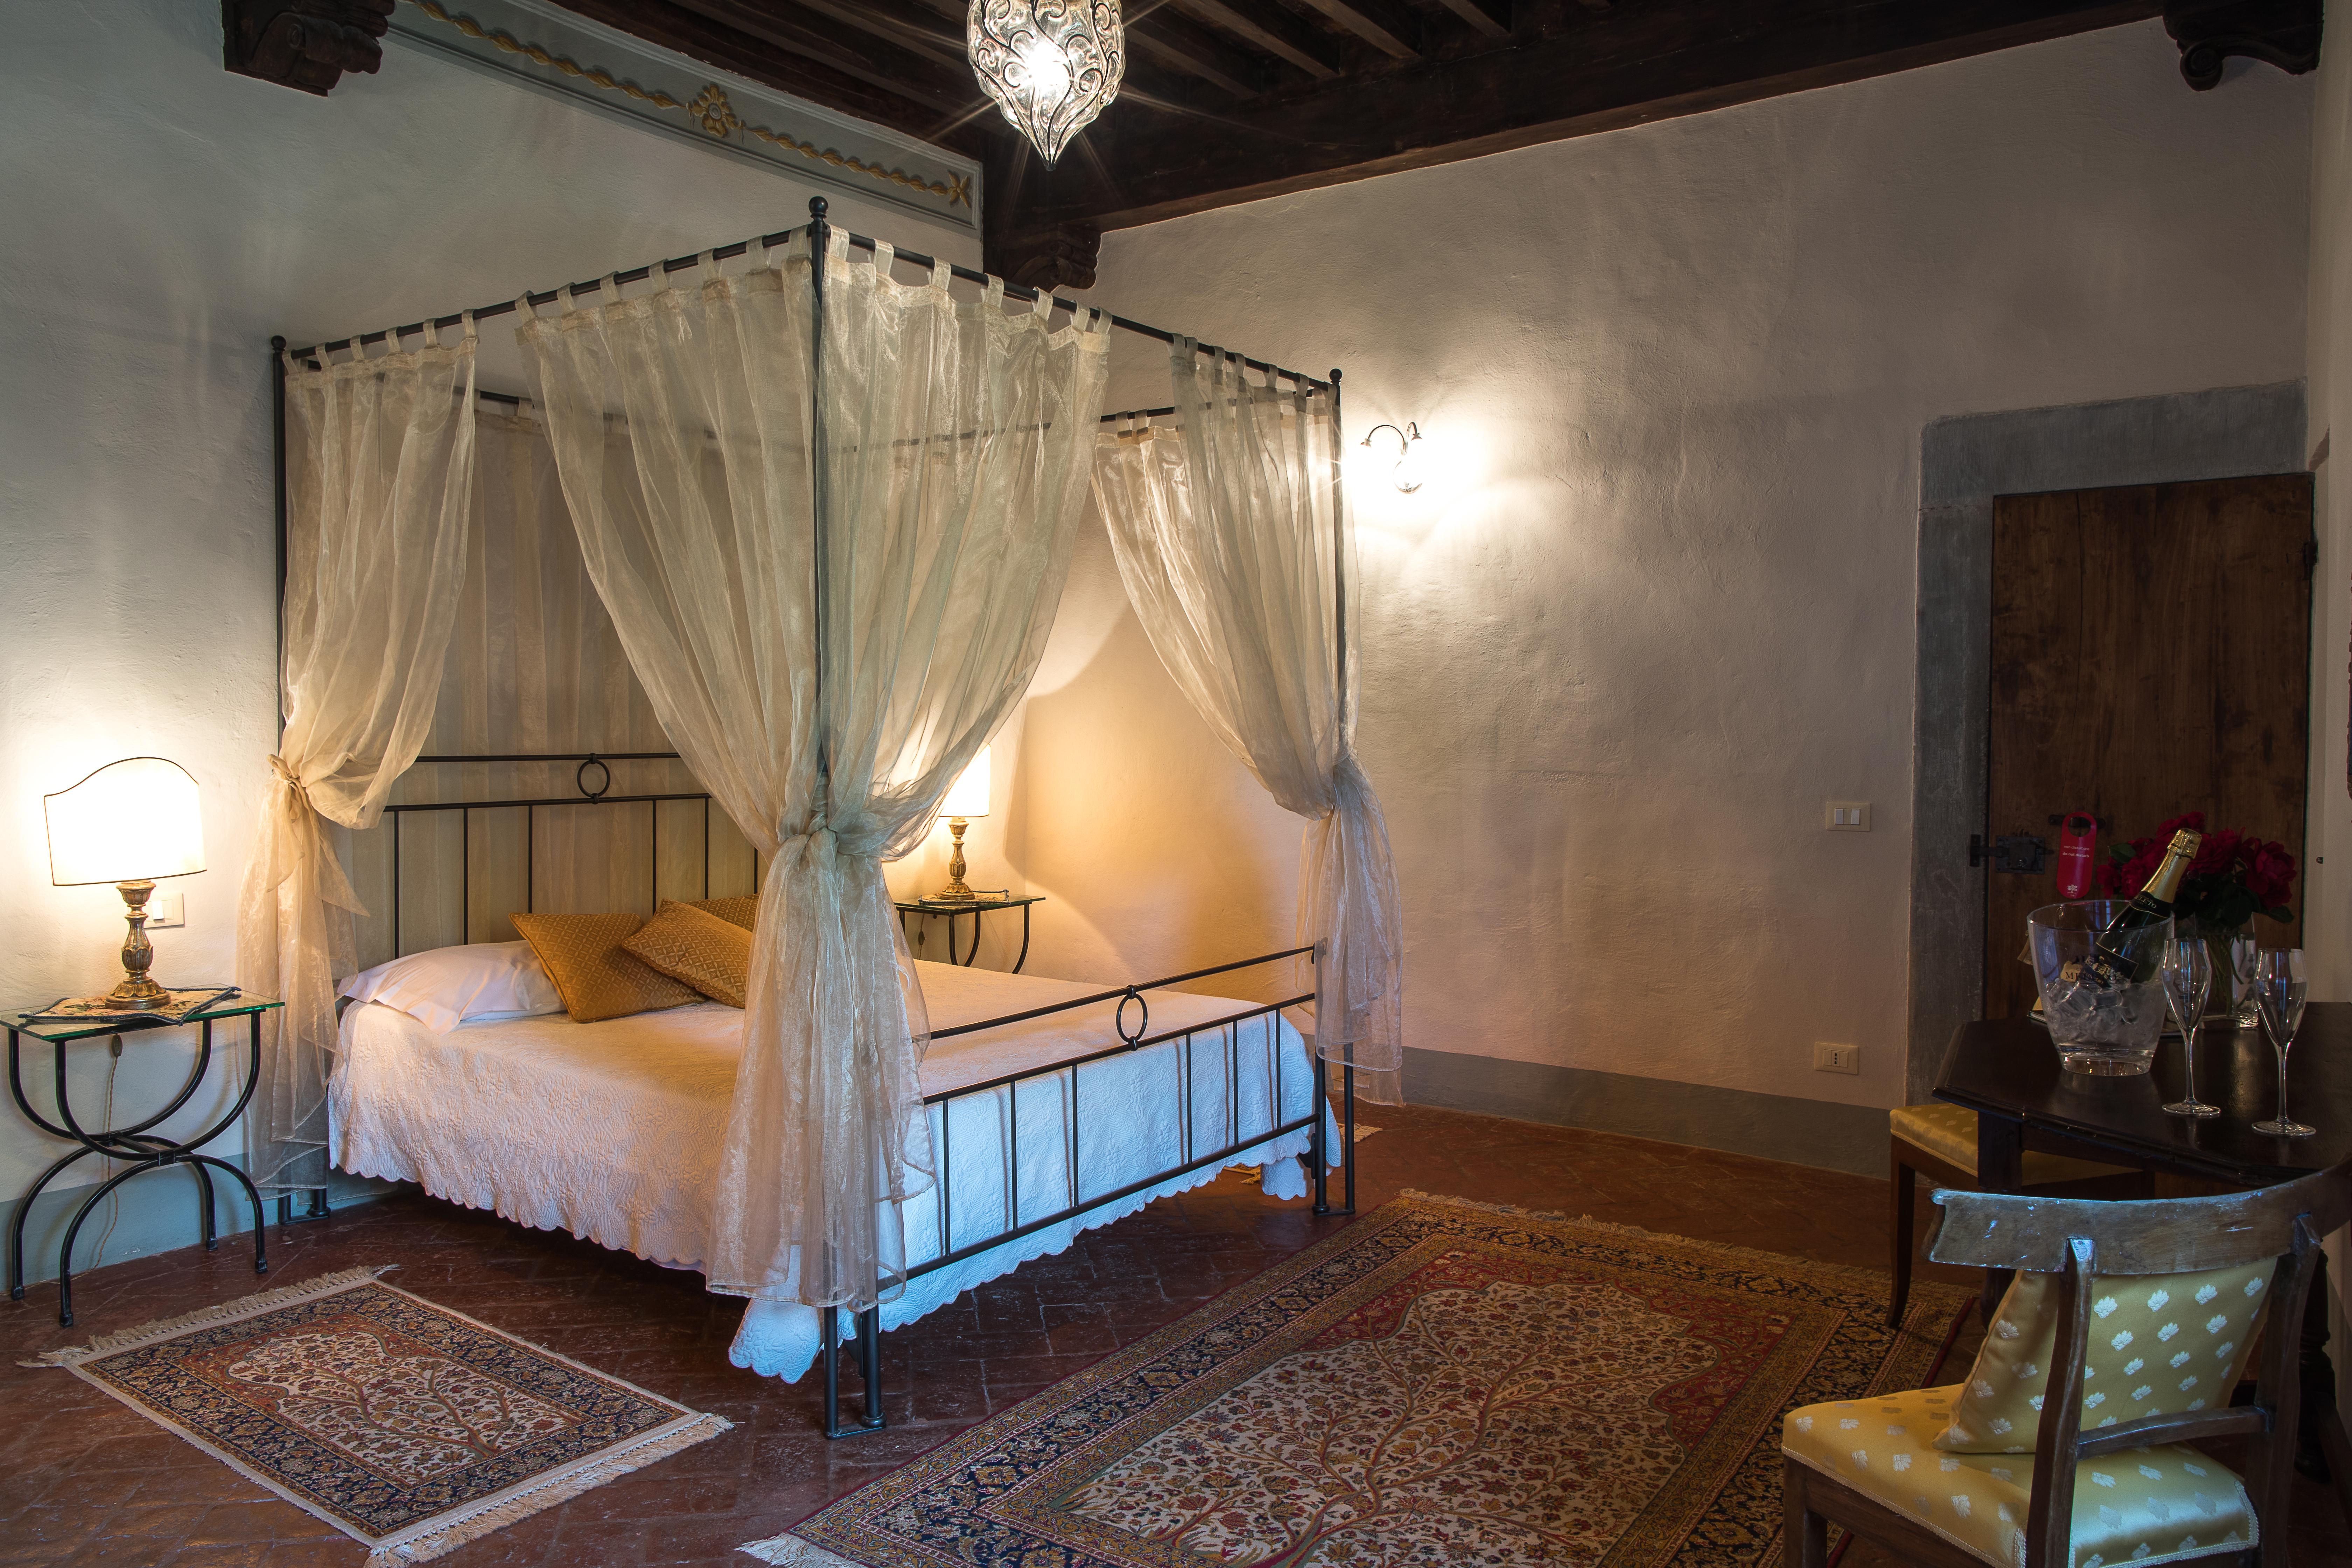 Dormire come principi: al Castello di Meleto le vacanze in un maniero